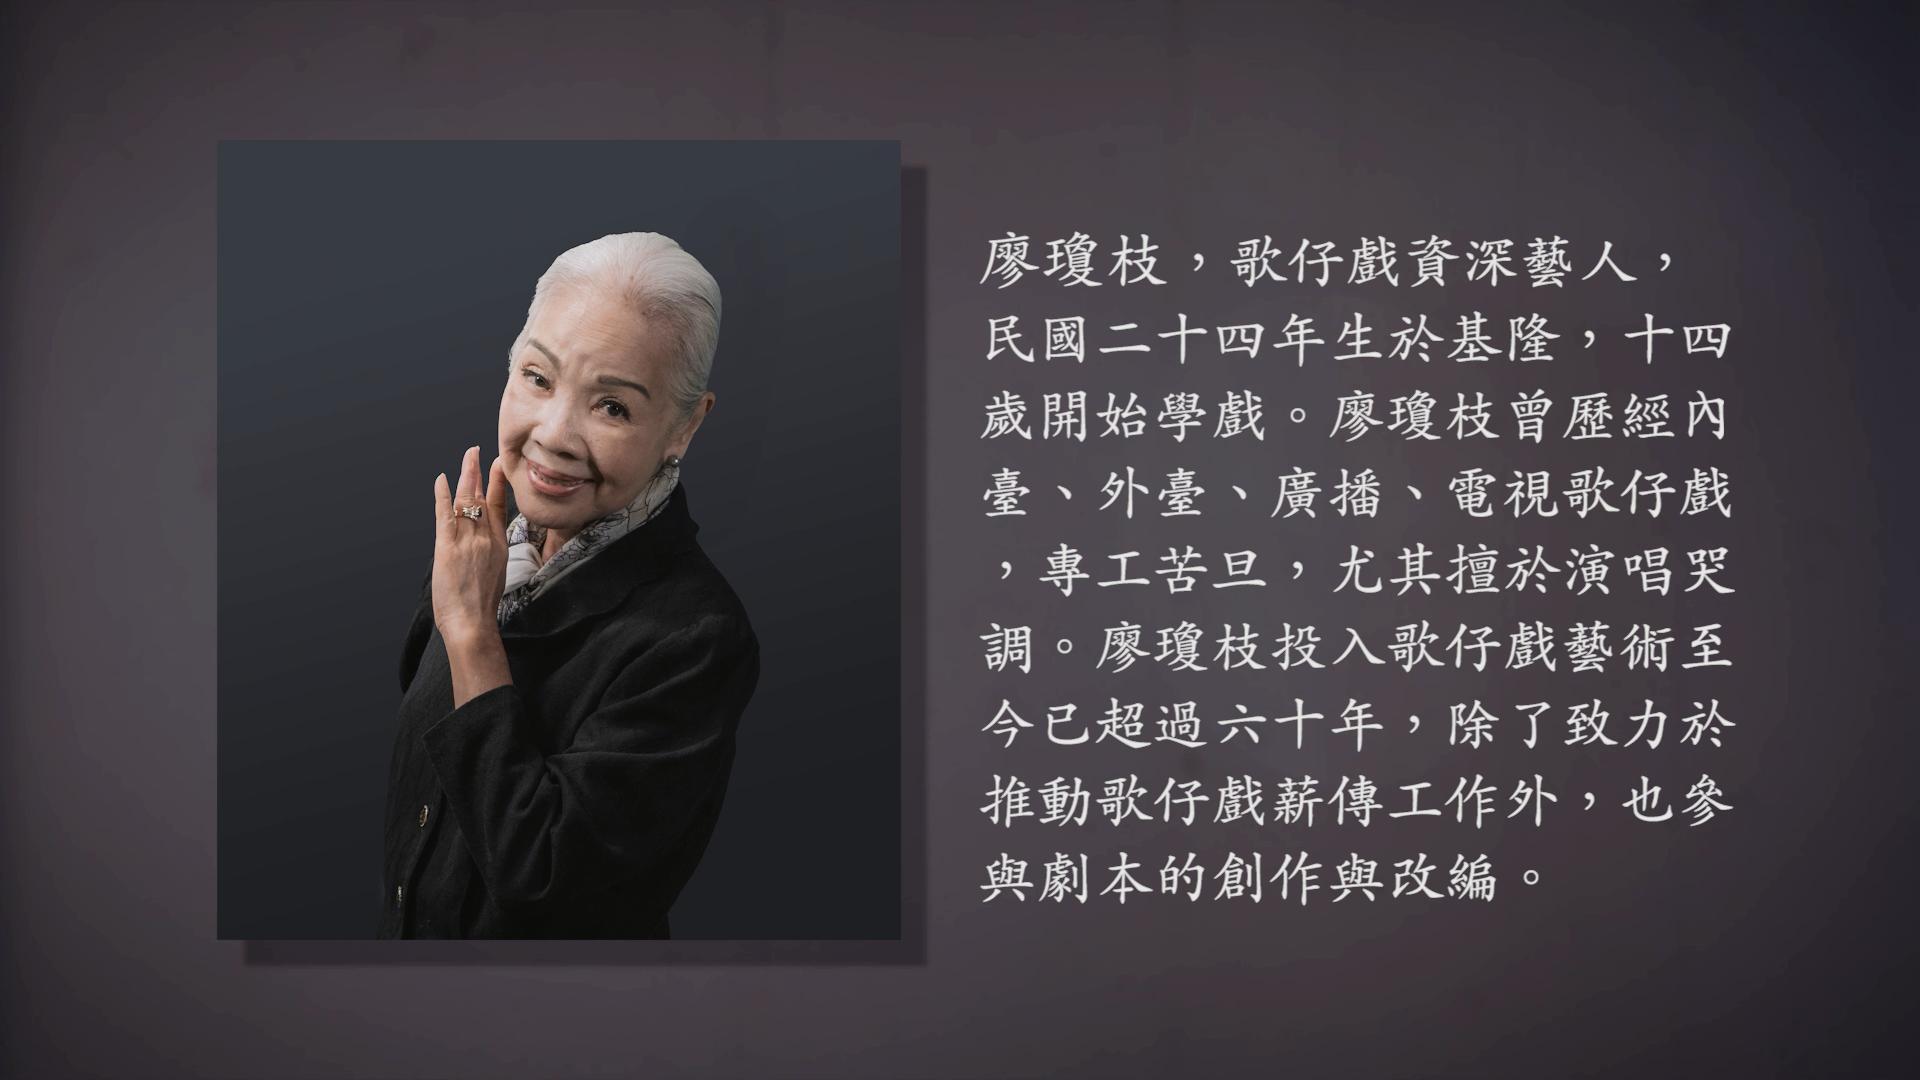 技藝.記憶-傳統藝術藝人口述歷史影像紀錄計畫-廖瓊枝精華片段